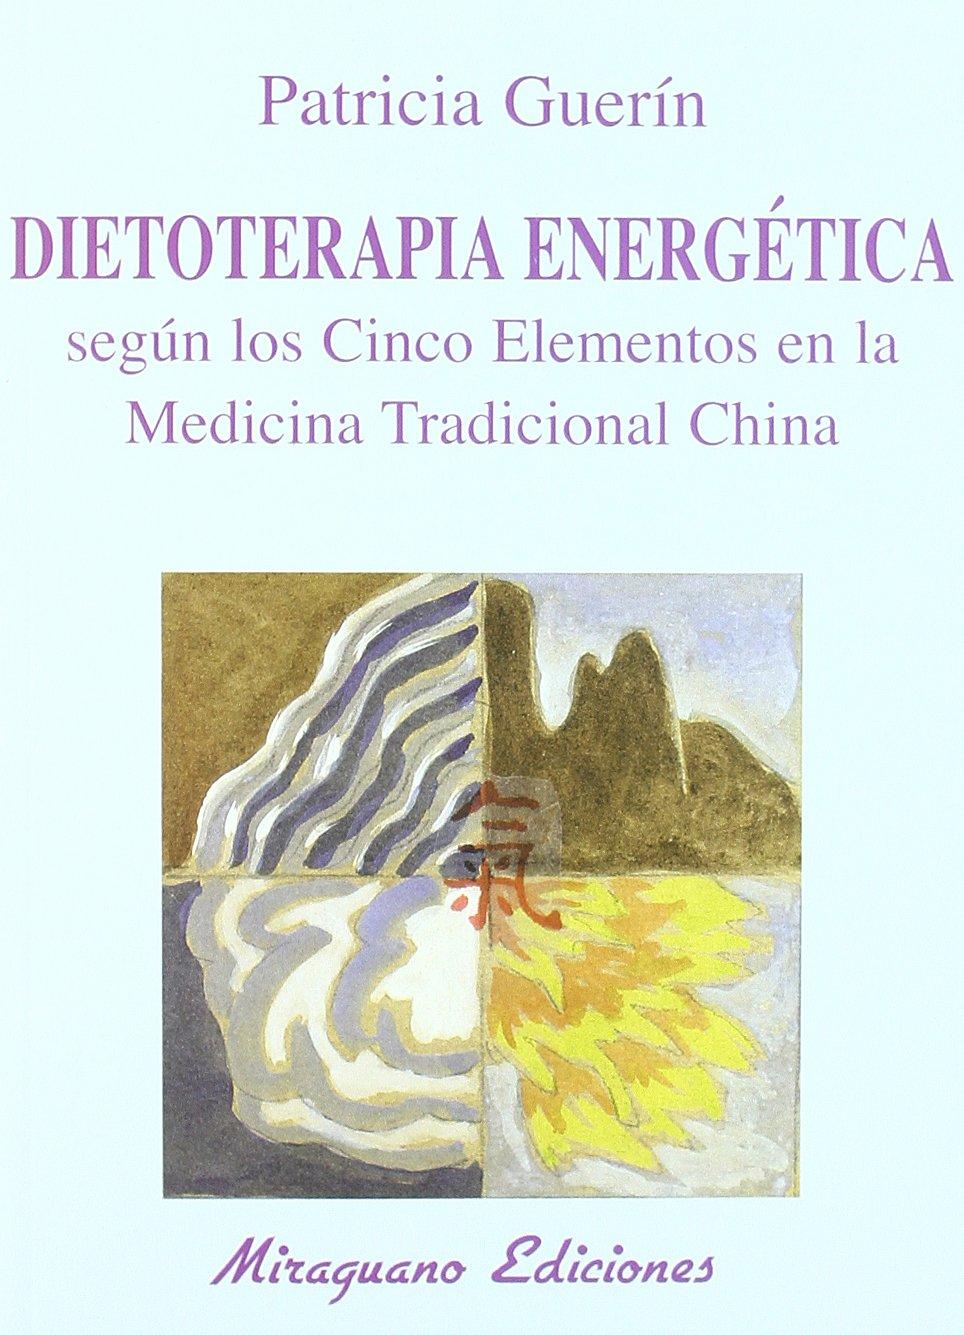 DIETOTERAPIA ENERGETICA PDF DOWNLOAD